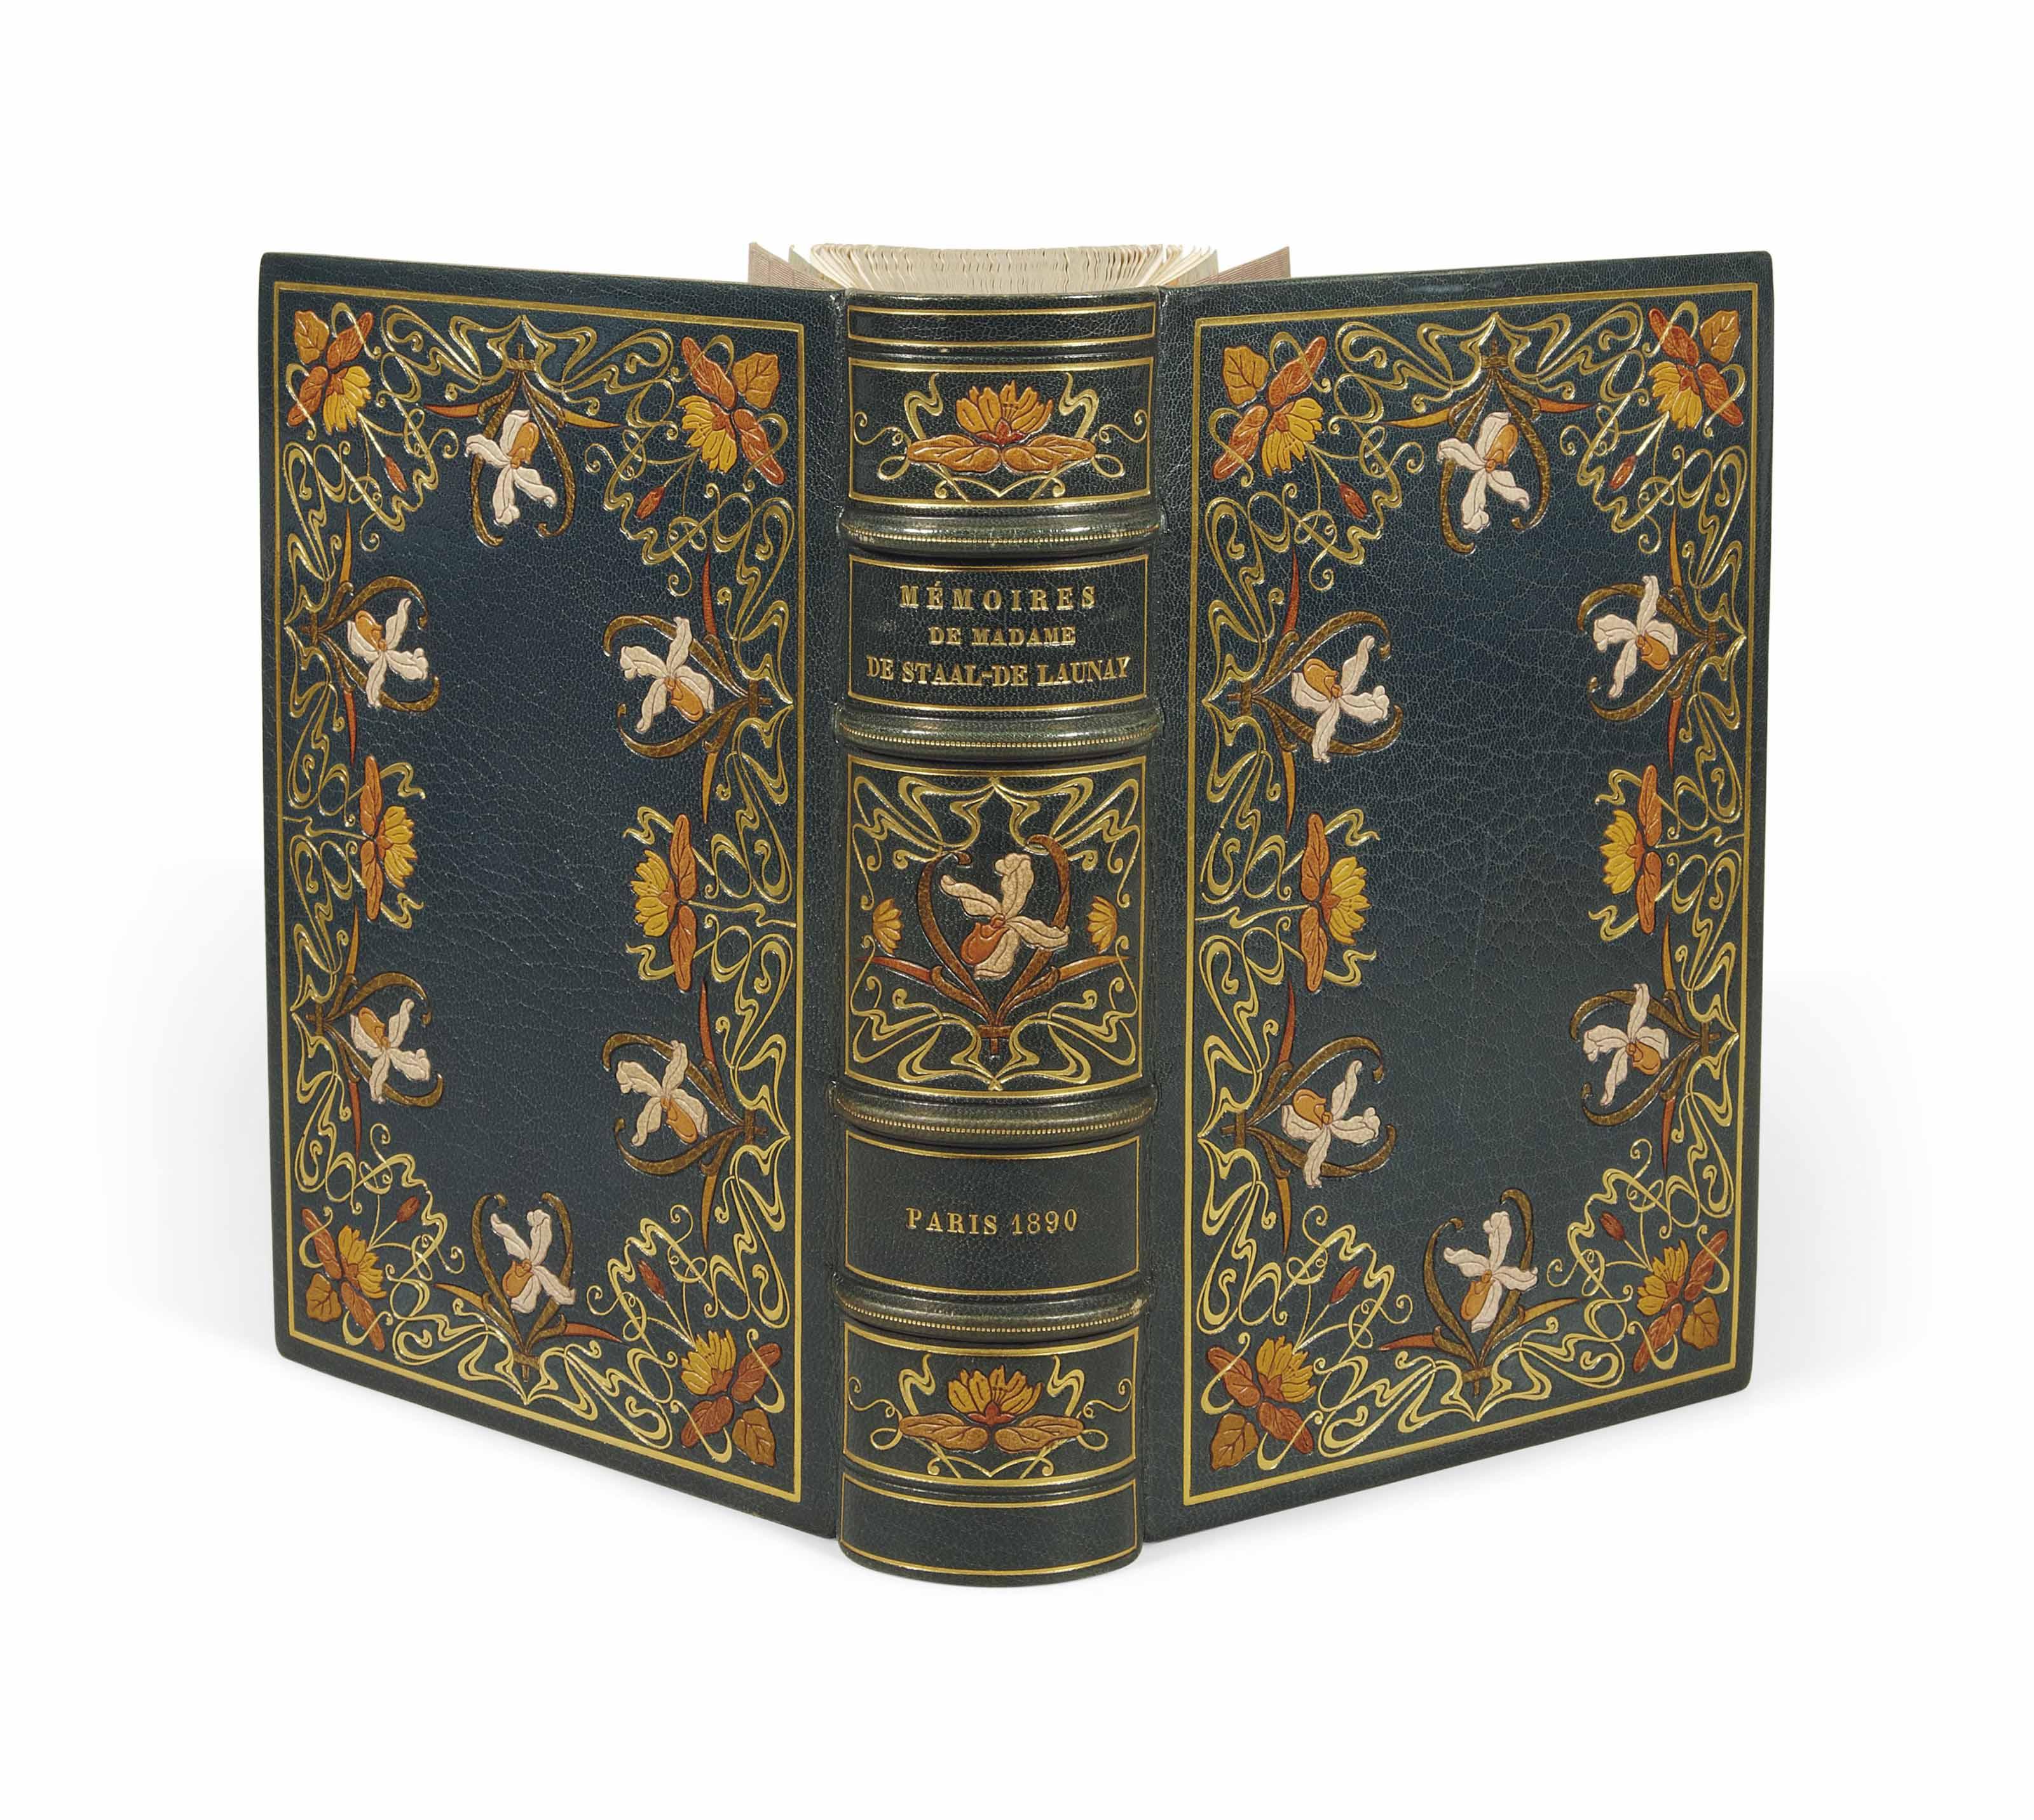 [LALAUZE] -- STAAL, Marguerite Cordier de Launay, baronne de (1693-1750). Mémoires. Paris: A. Ferroud, 1890.